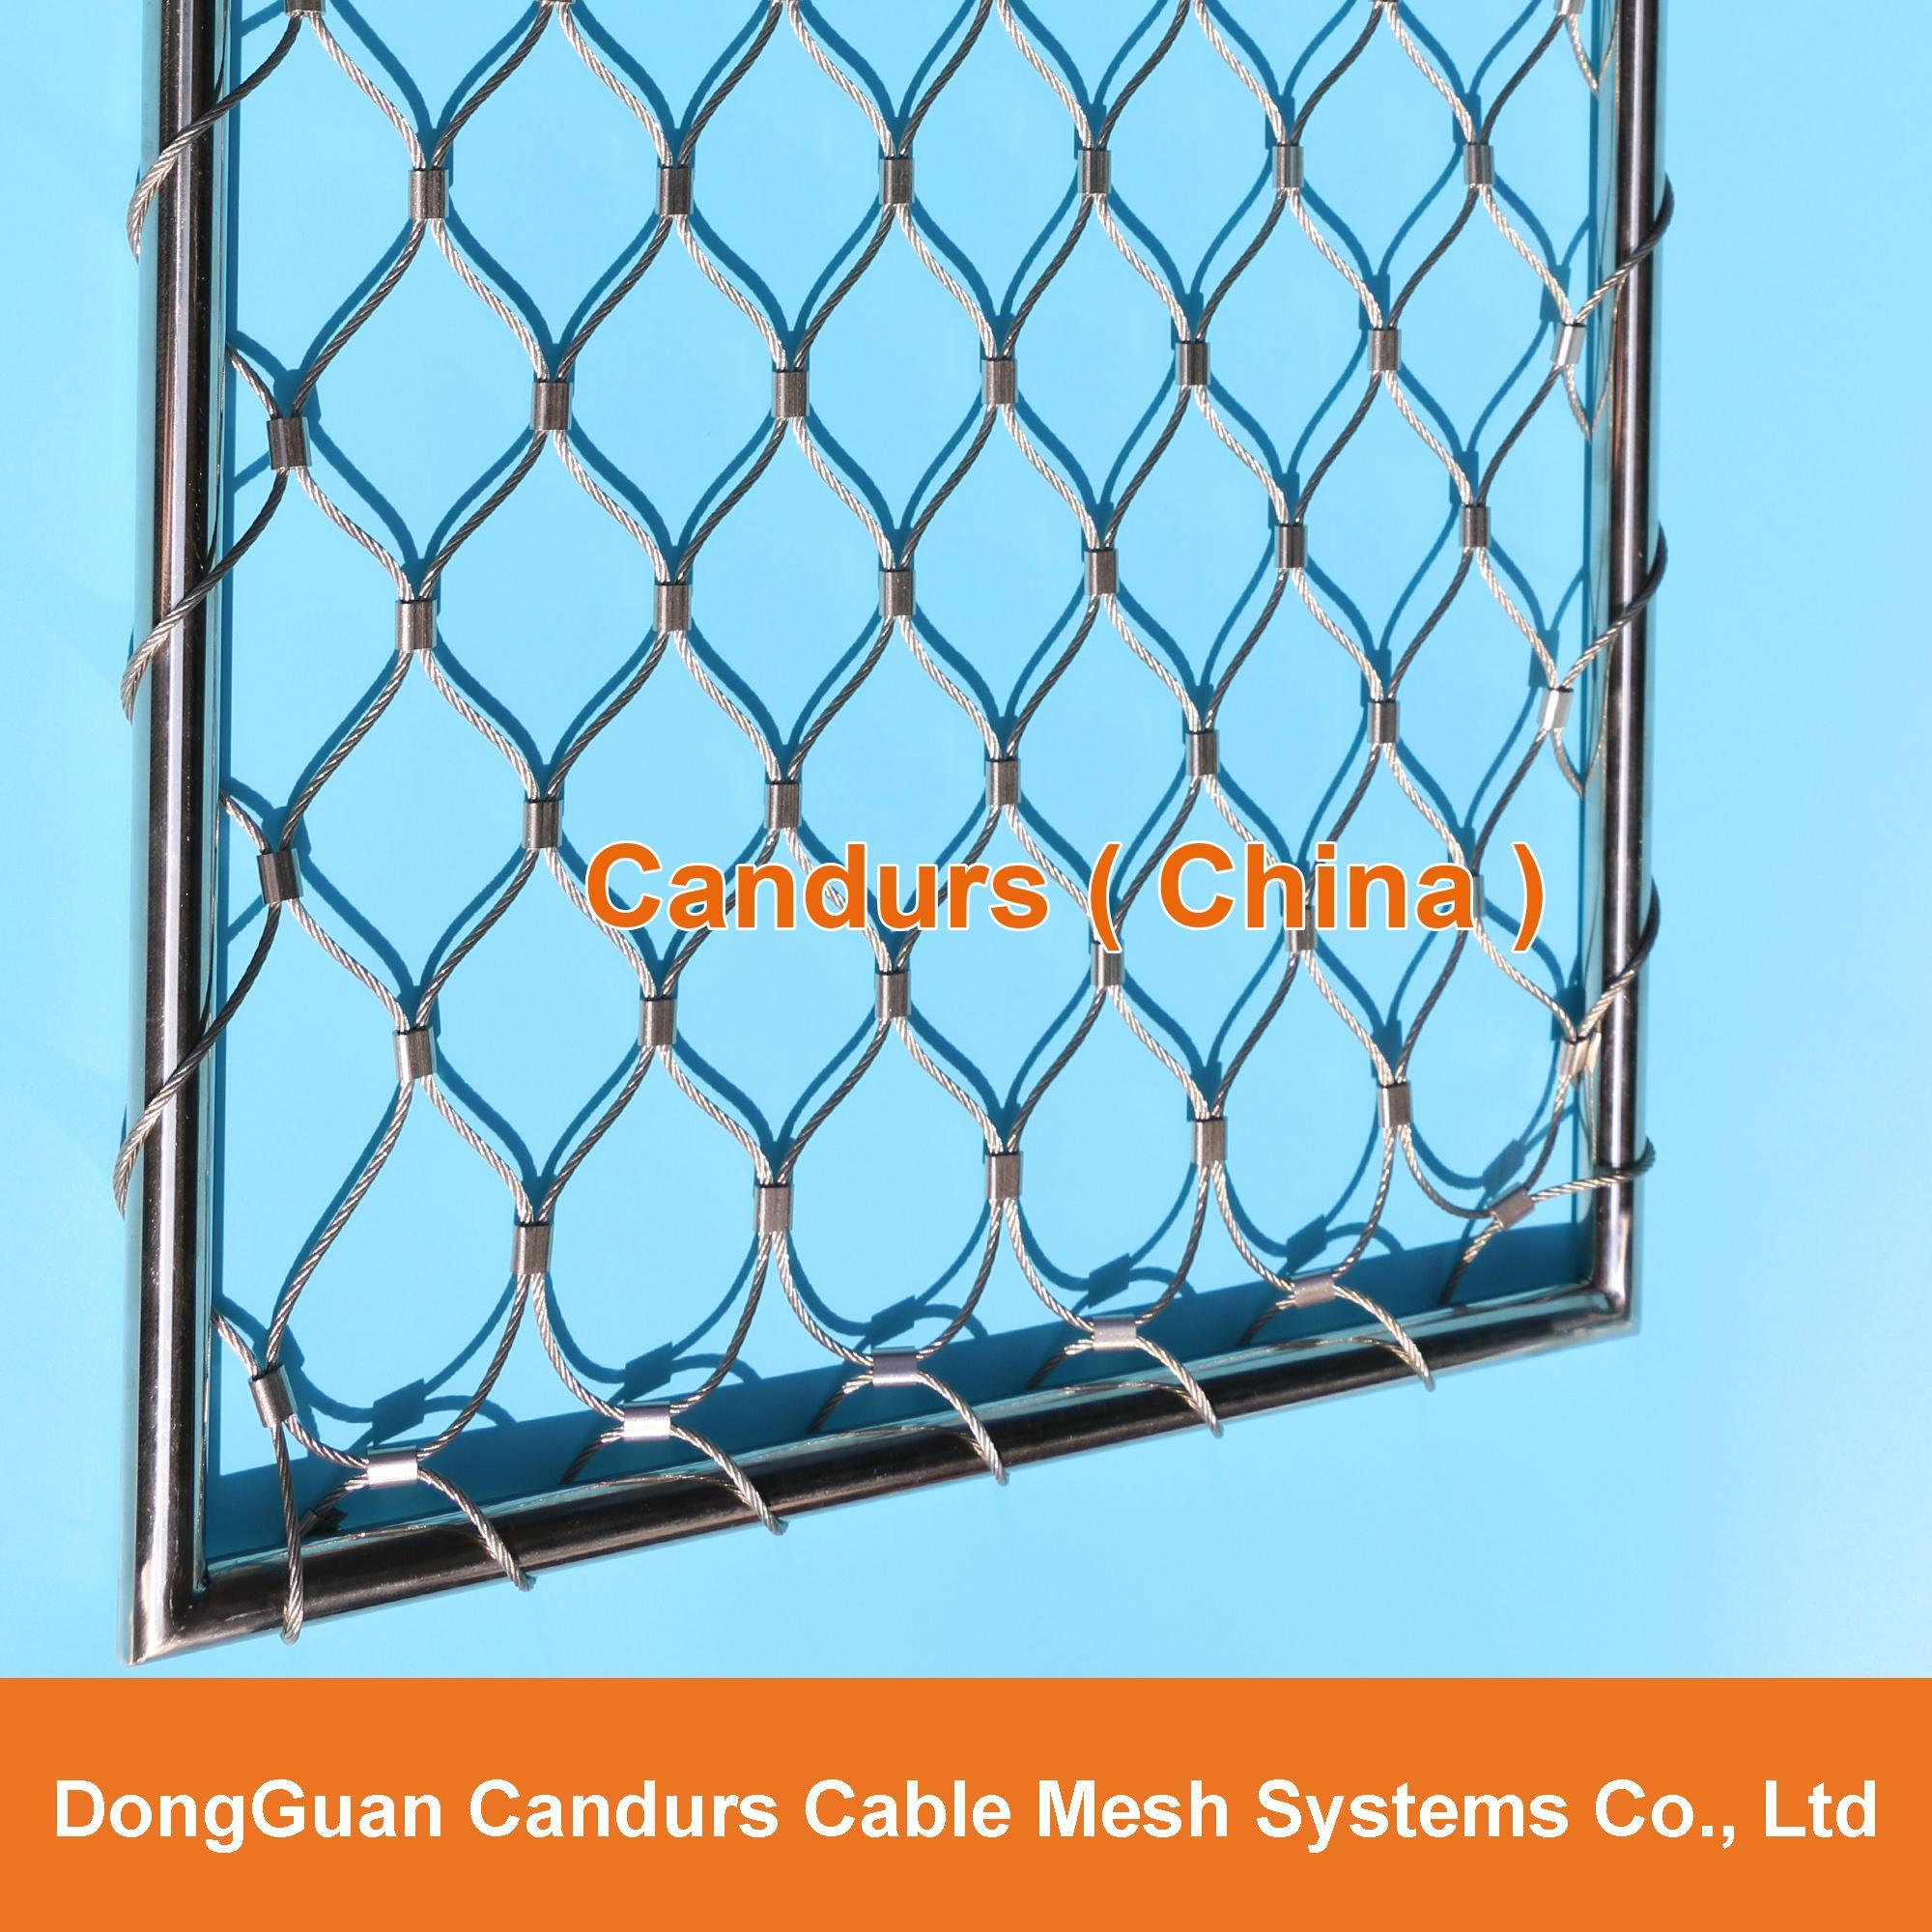 屋顶安全防护不锈钢绳网 18